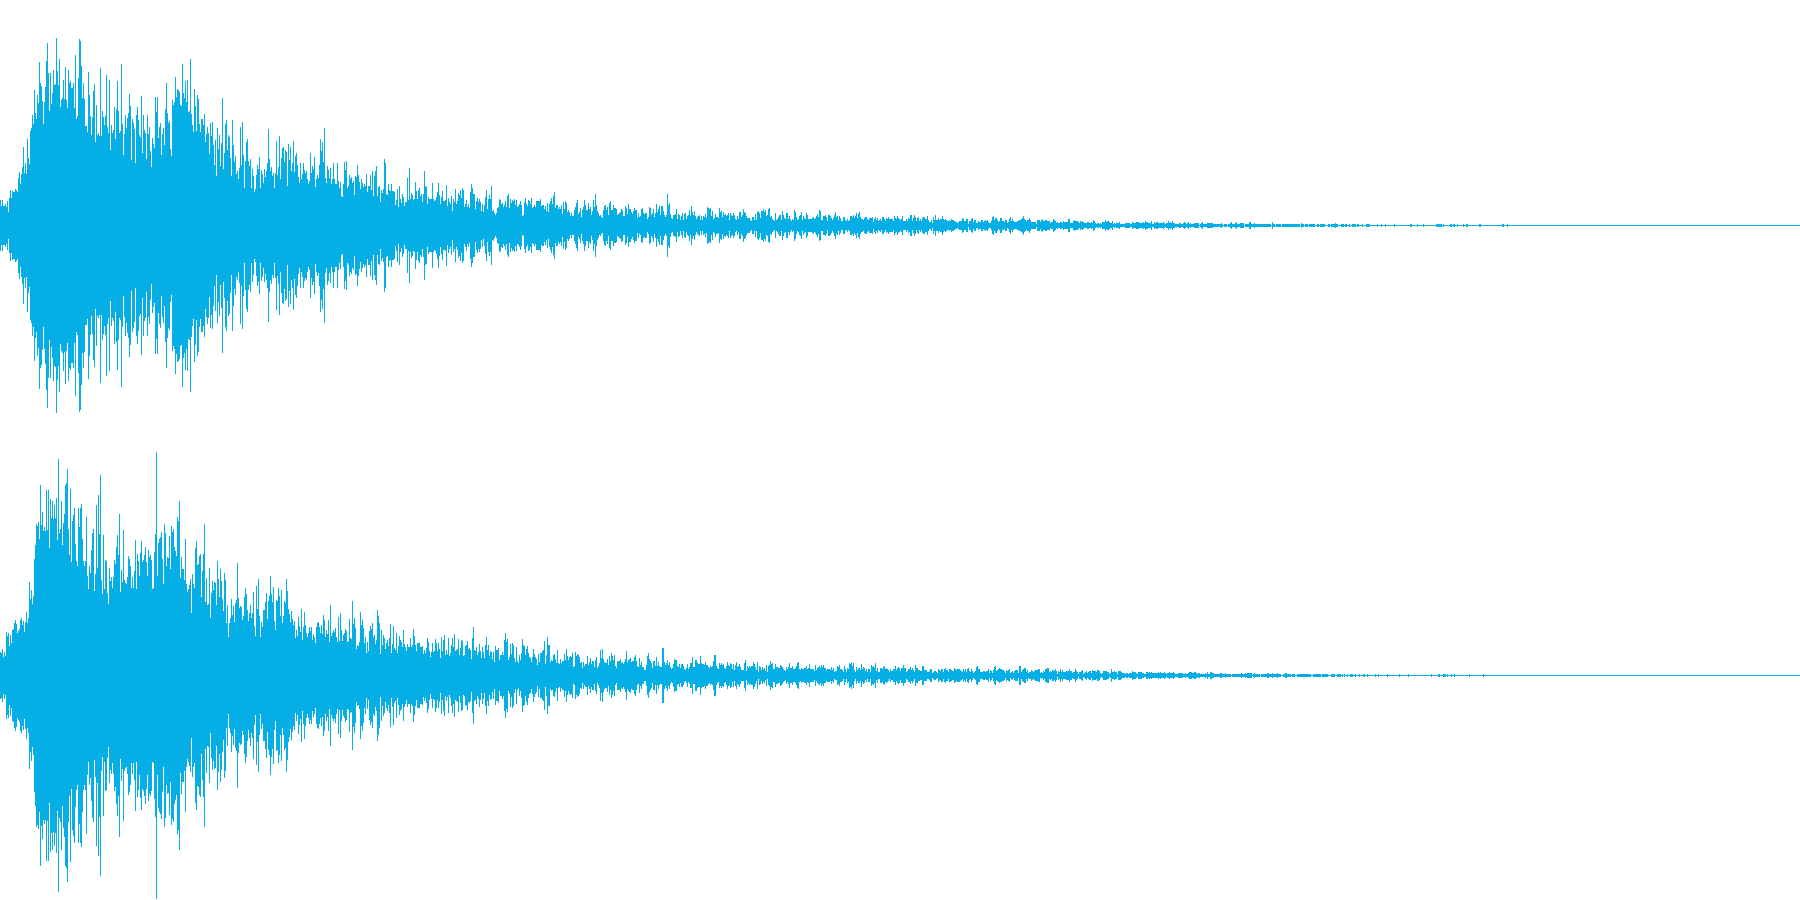 和風シャキン(テロップ,オリンピック等)の再生済みの波形